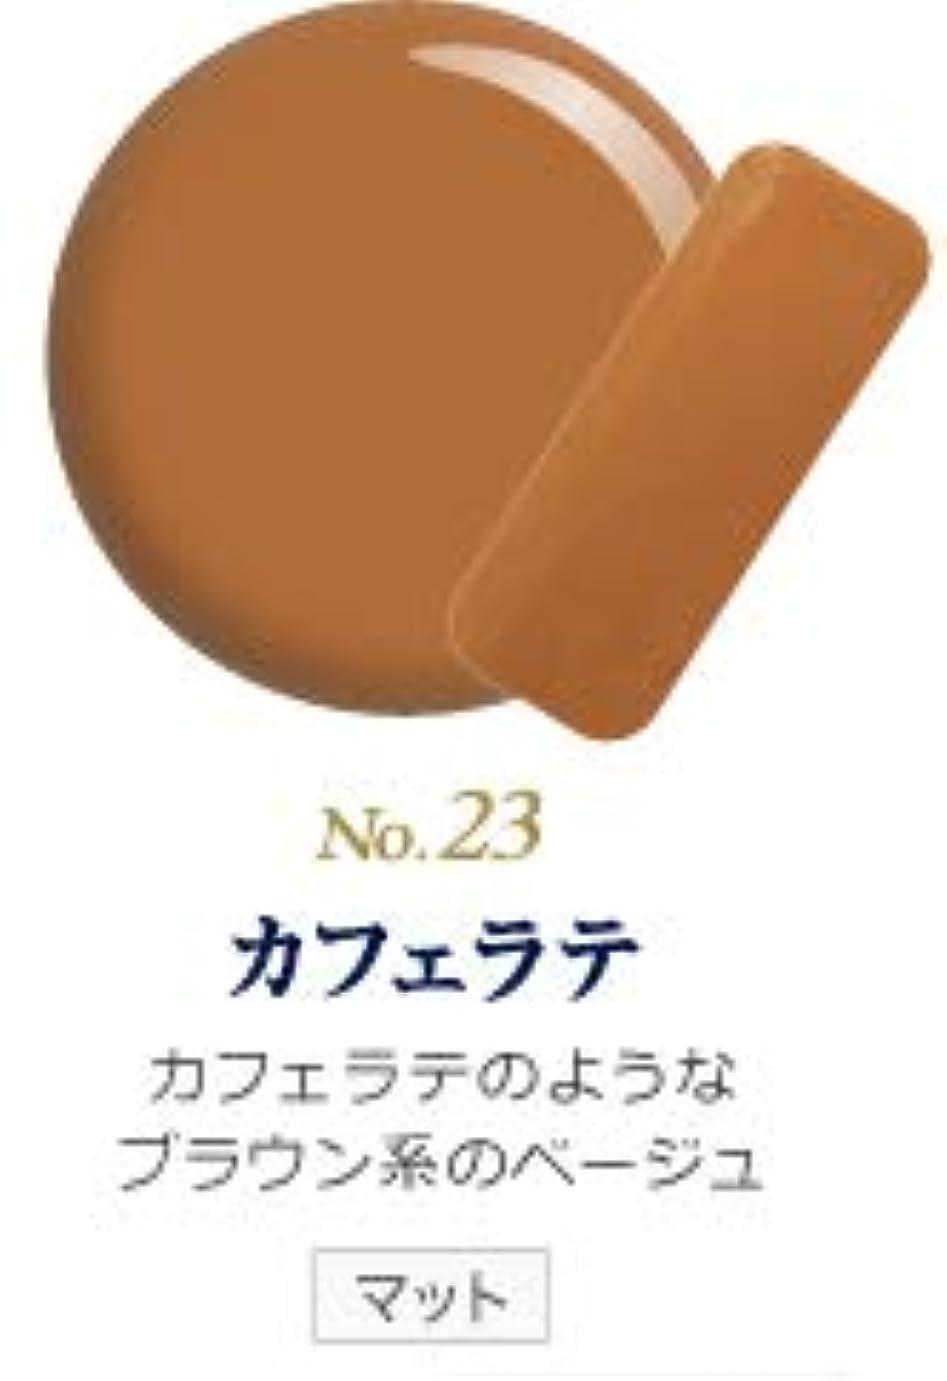 訴えるファッションパーフェルビッド発色抜群 削らなくてもオフが出来る 新グレースジェルカラーNo.11~No.209 (カフェラテ)